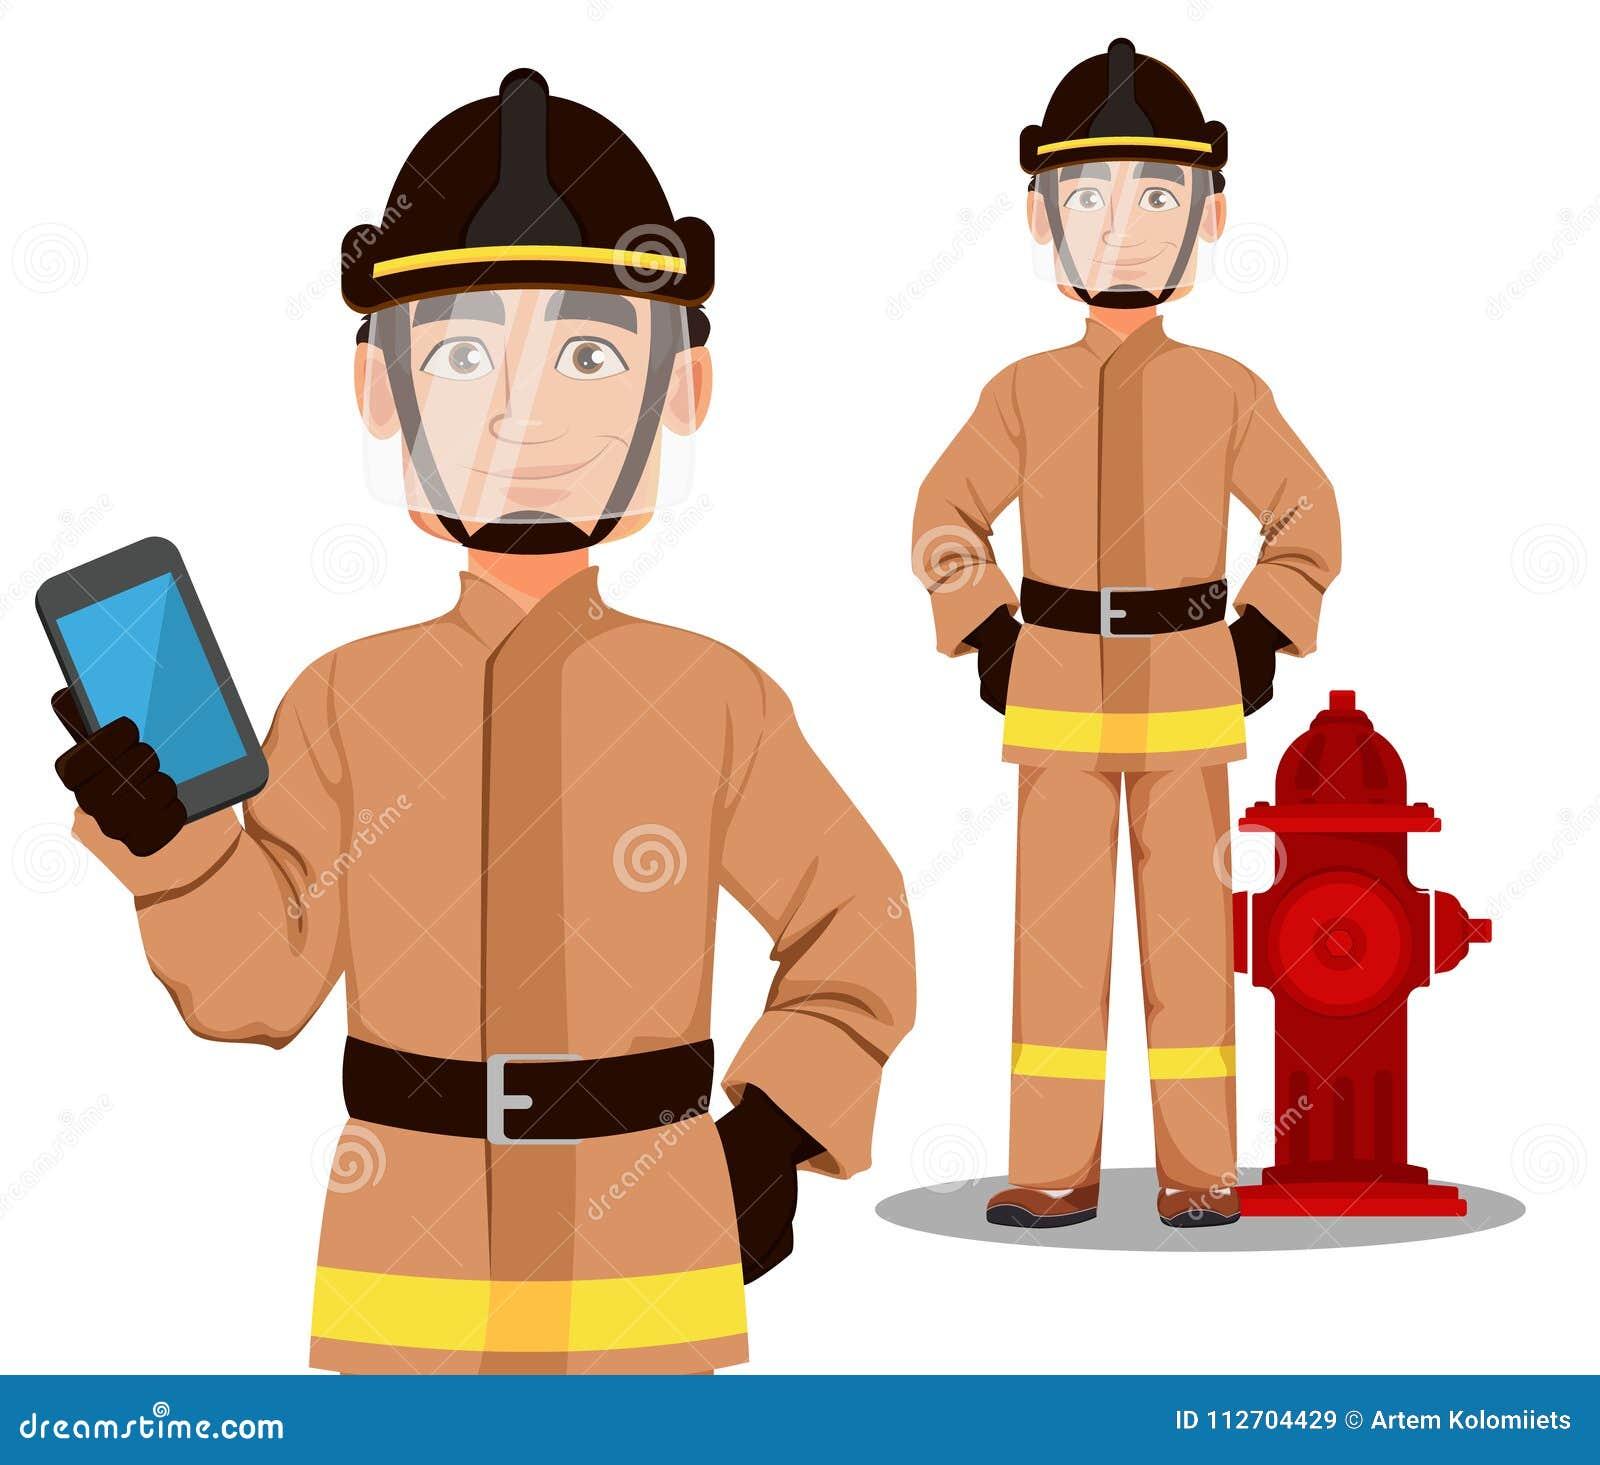 Cartoni animati per bambini il camion dei pompieri leo il